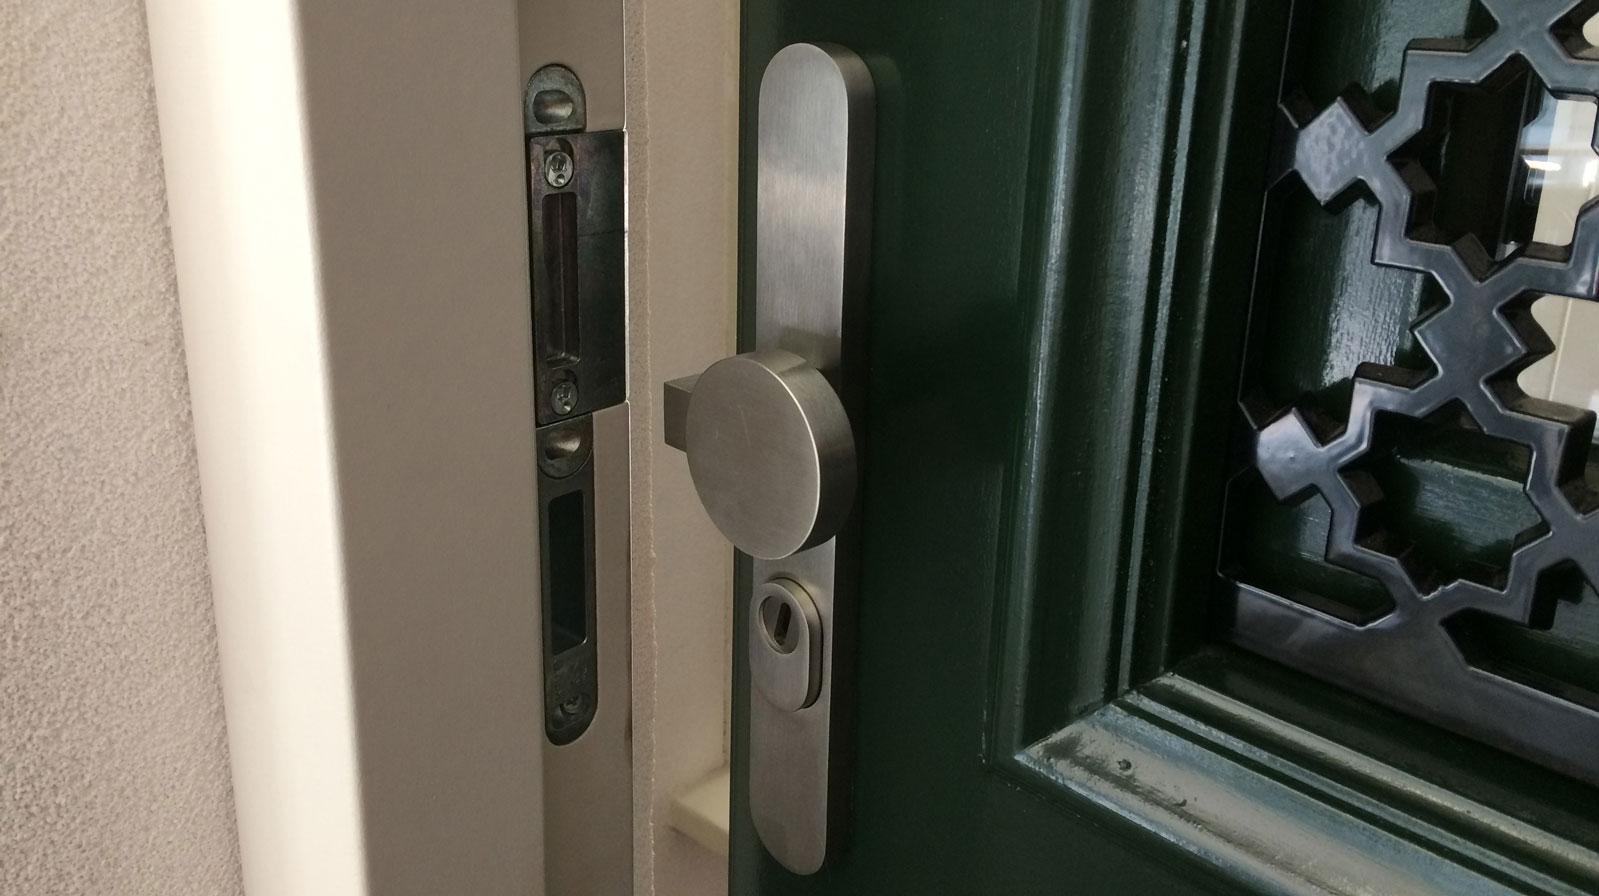 Sfeerimpressie gpf9307 deurkruk.jpg